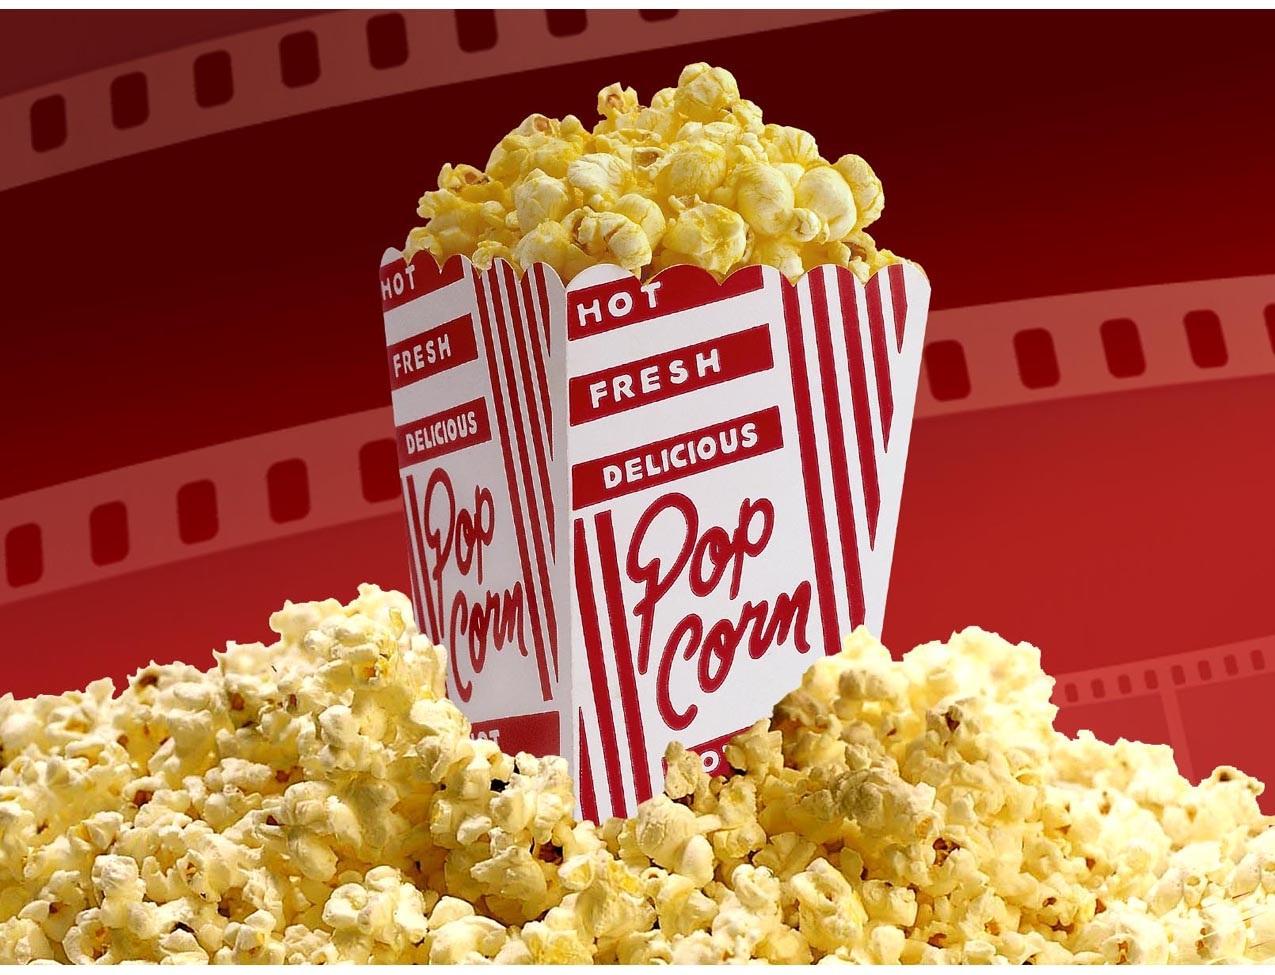 Vì sao tất cả các rạp chiếu phim trên thế giới đều bán bắp rang bơ? - 1